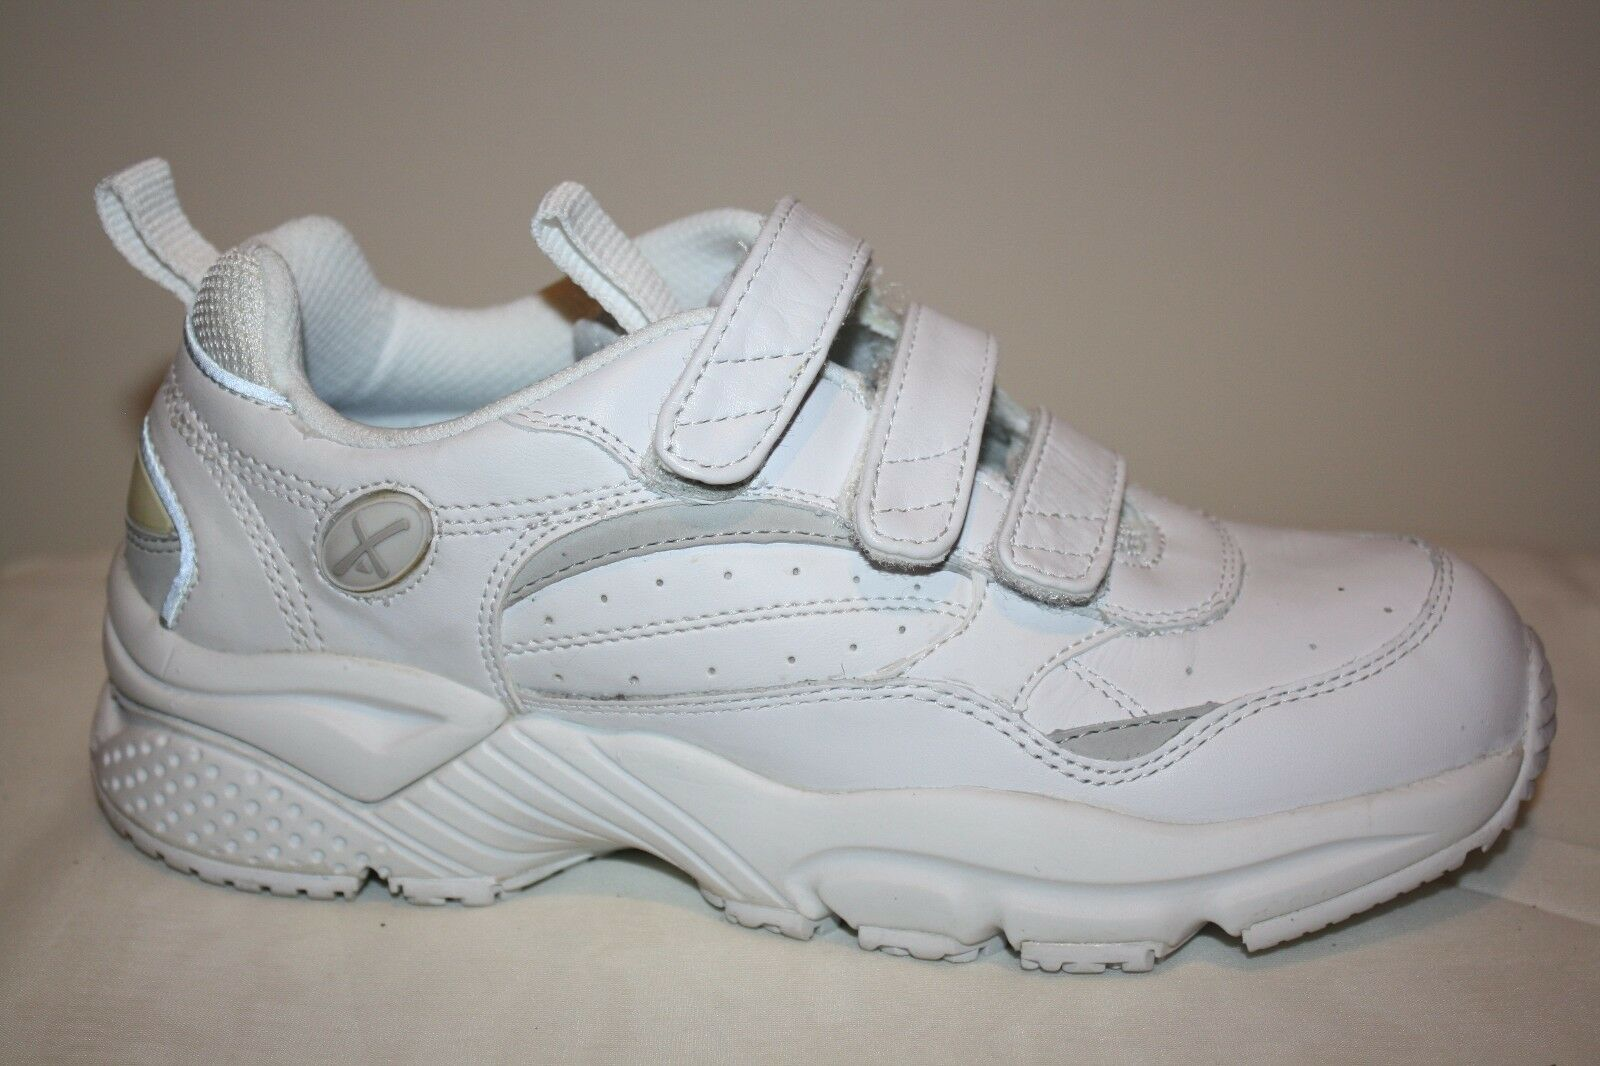 Women's Aetrex X923 Walking Sneaker Shoes 3 Strap White SZ 5.5 M